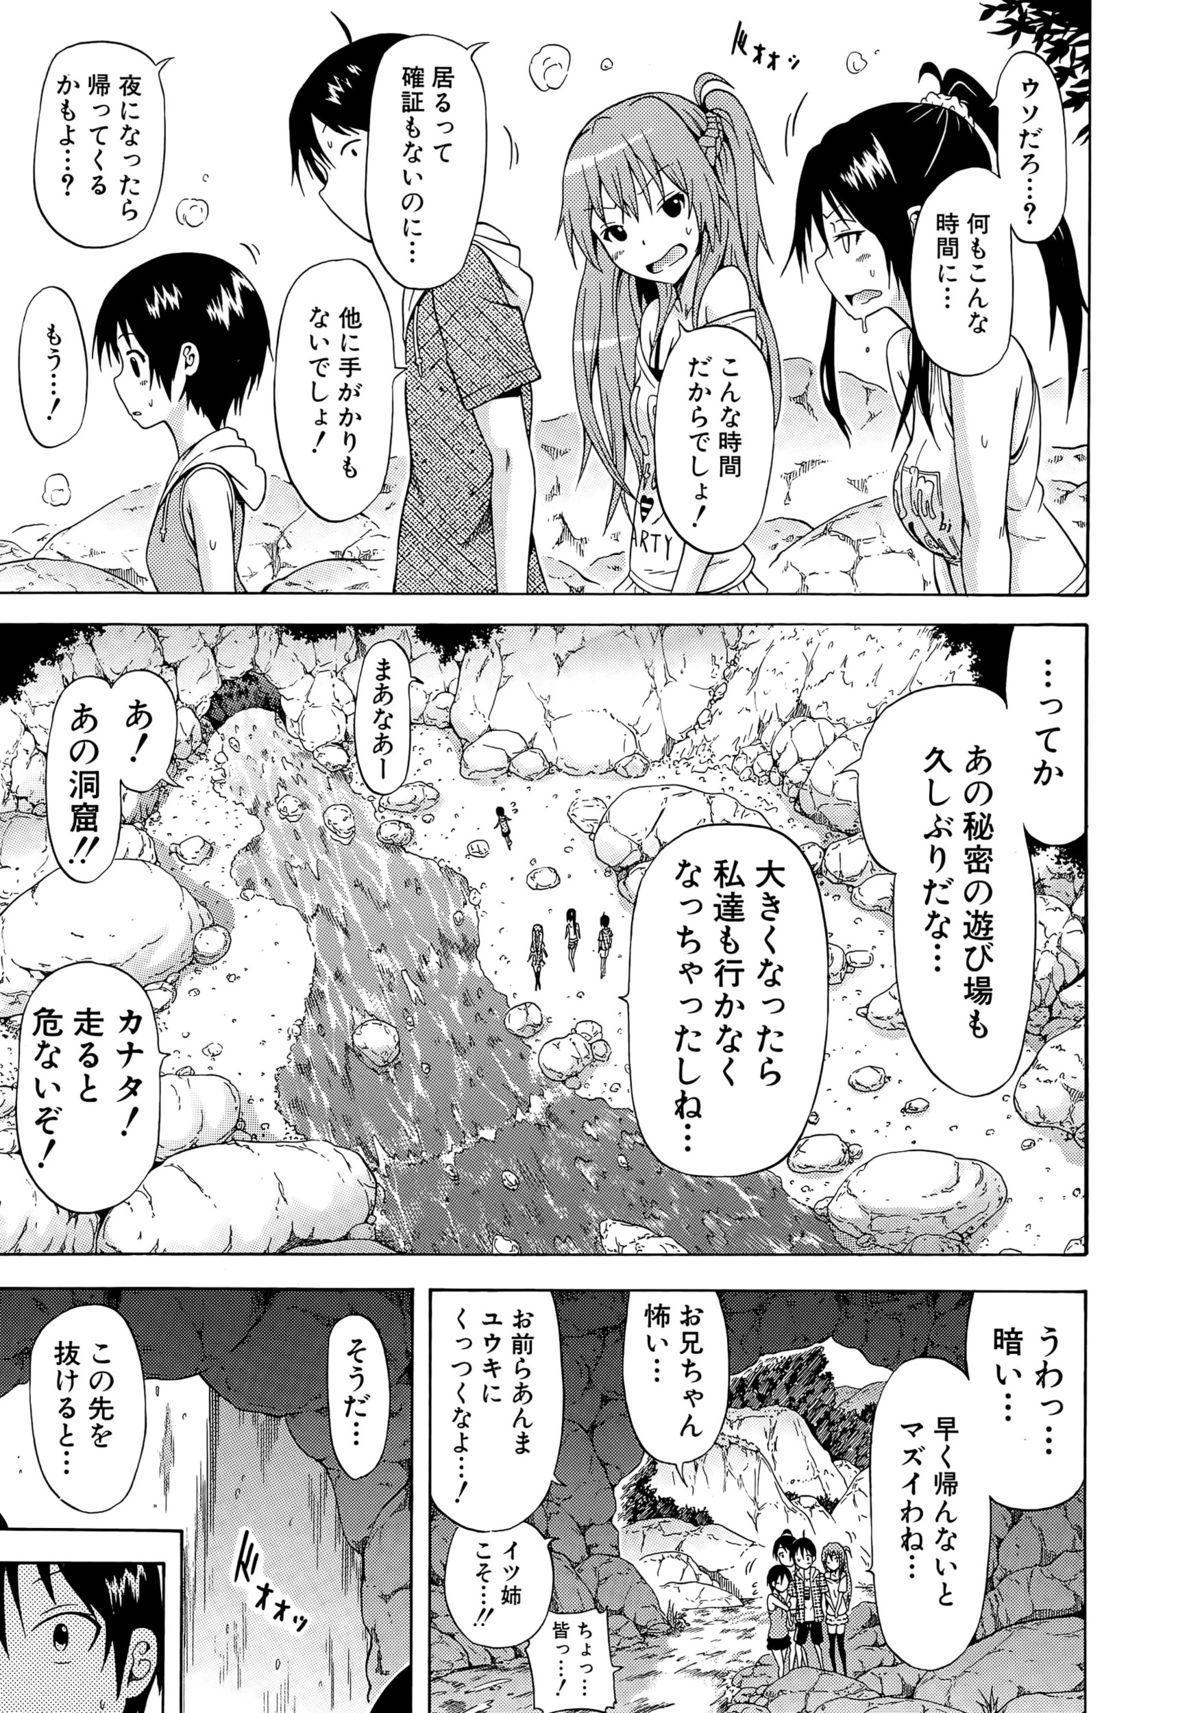 Natsumitsu x Harem! 168